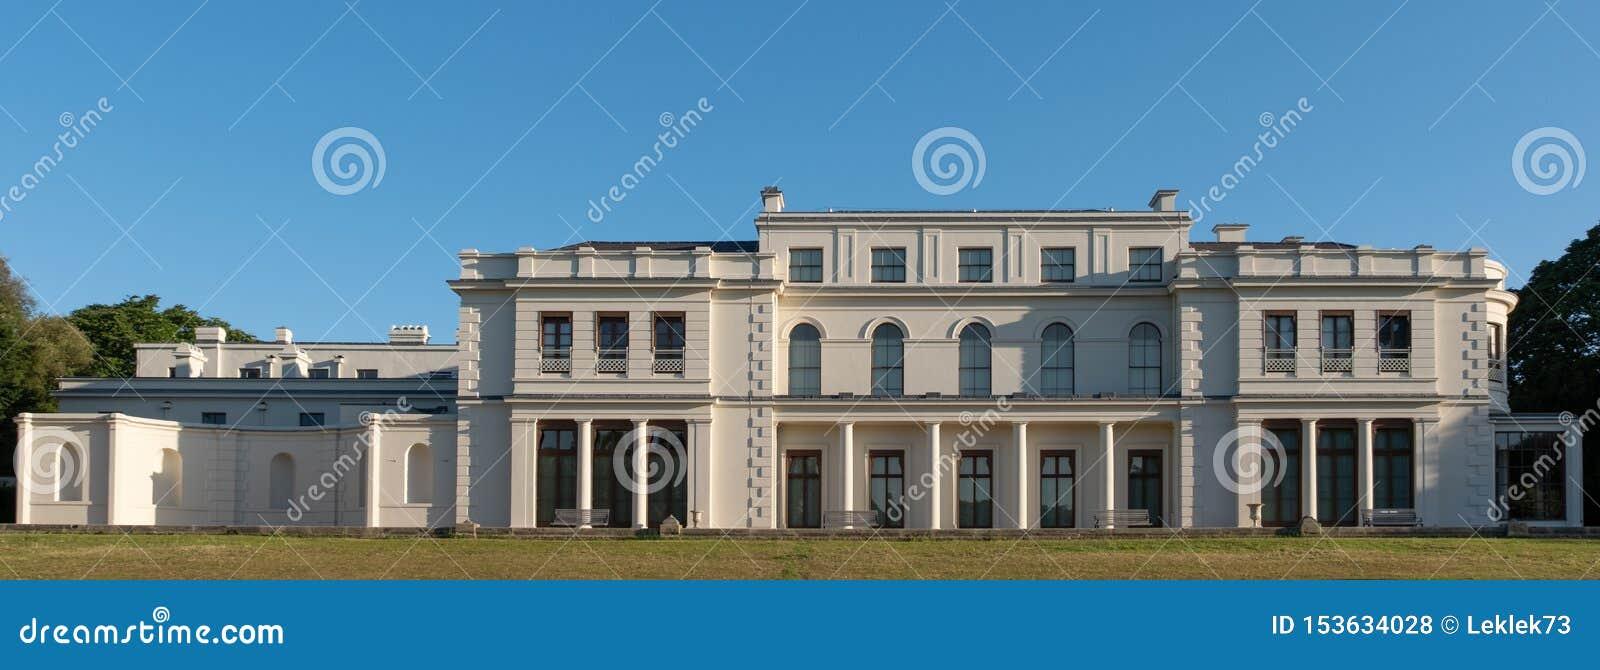 Renovó nuevamente el parque y el museo de Gunnersbury en el estado de Gunnersbury, poseído una vez por la familia de Rothschild,